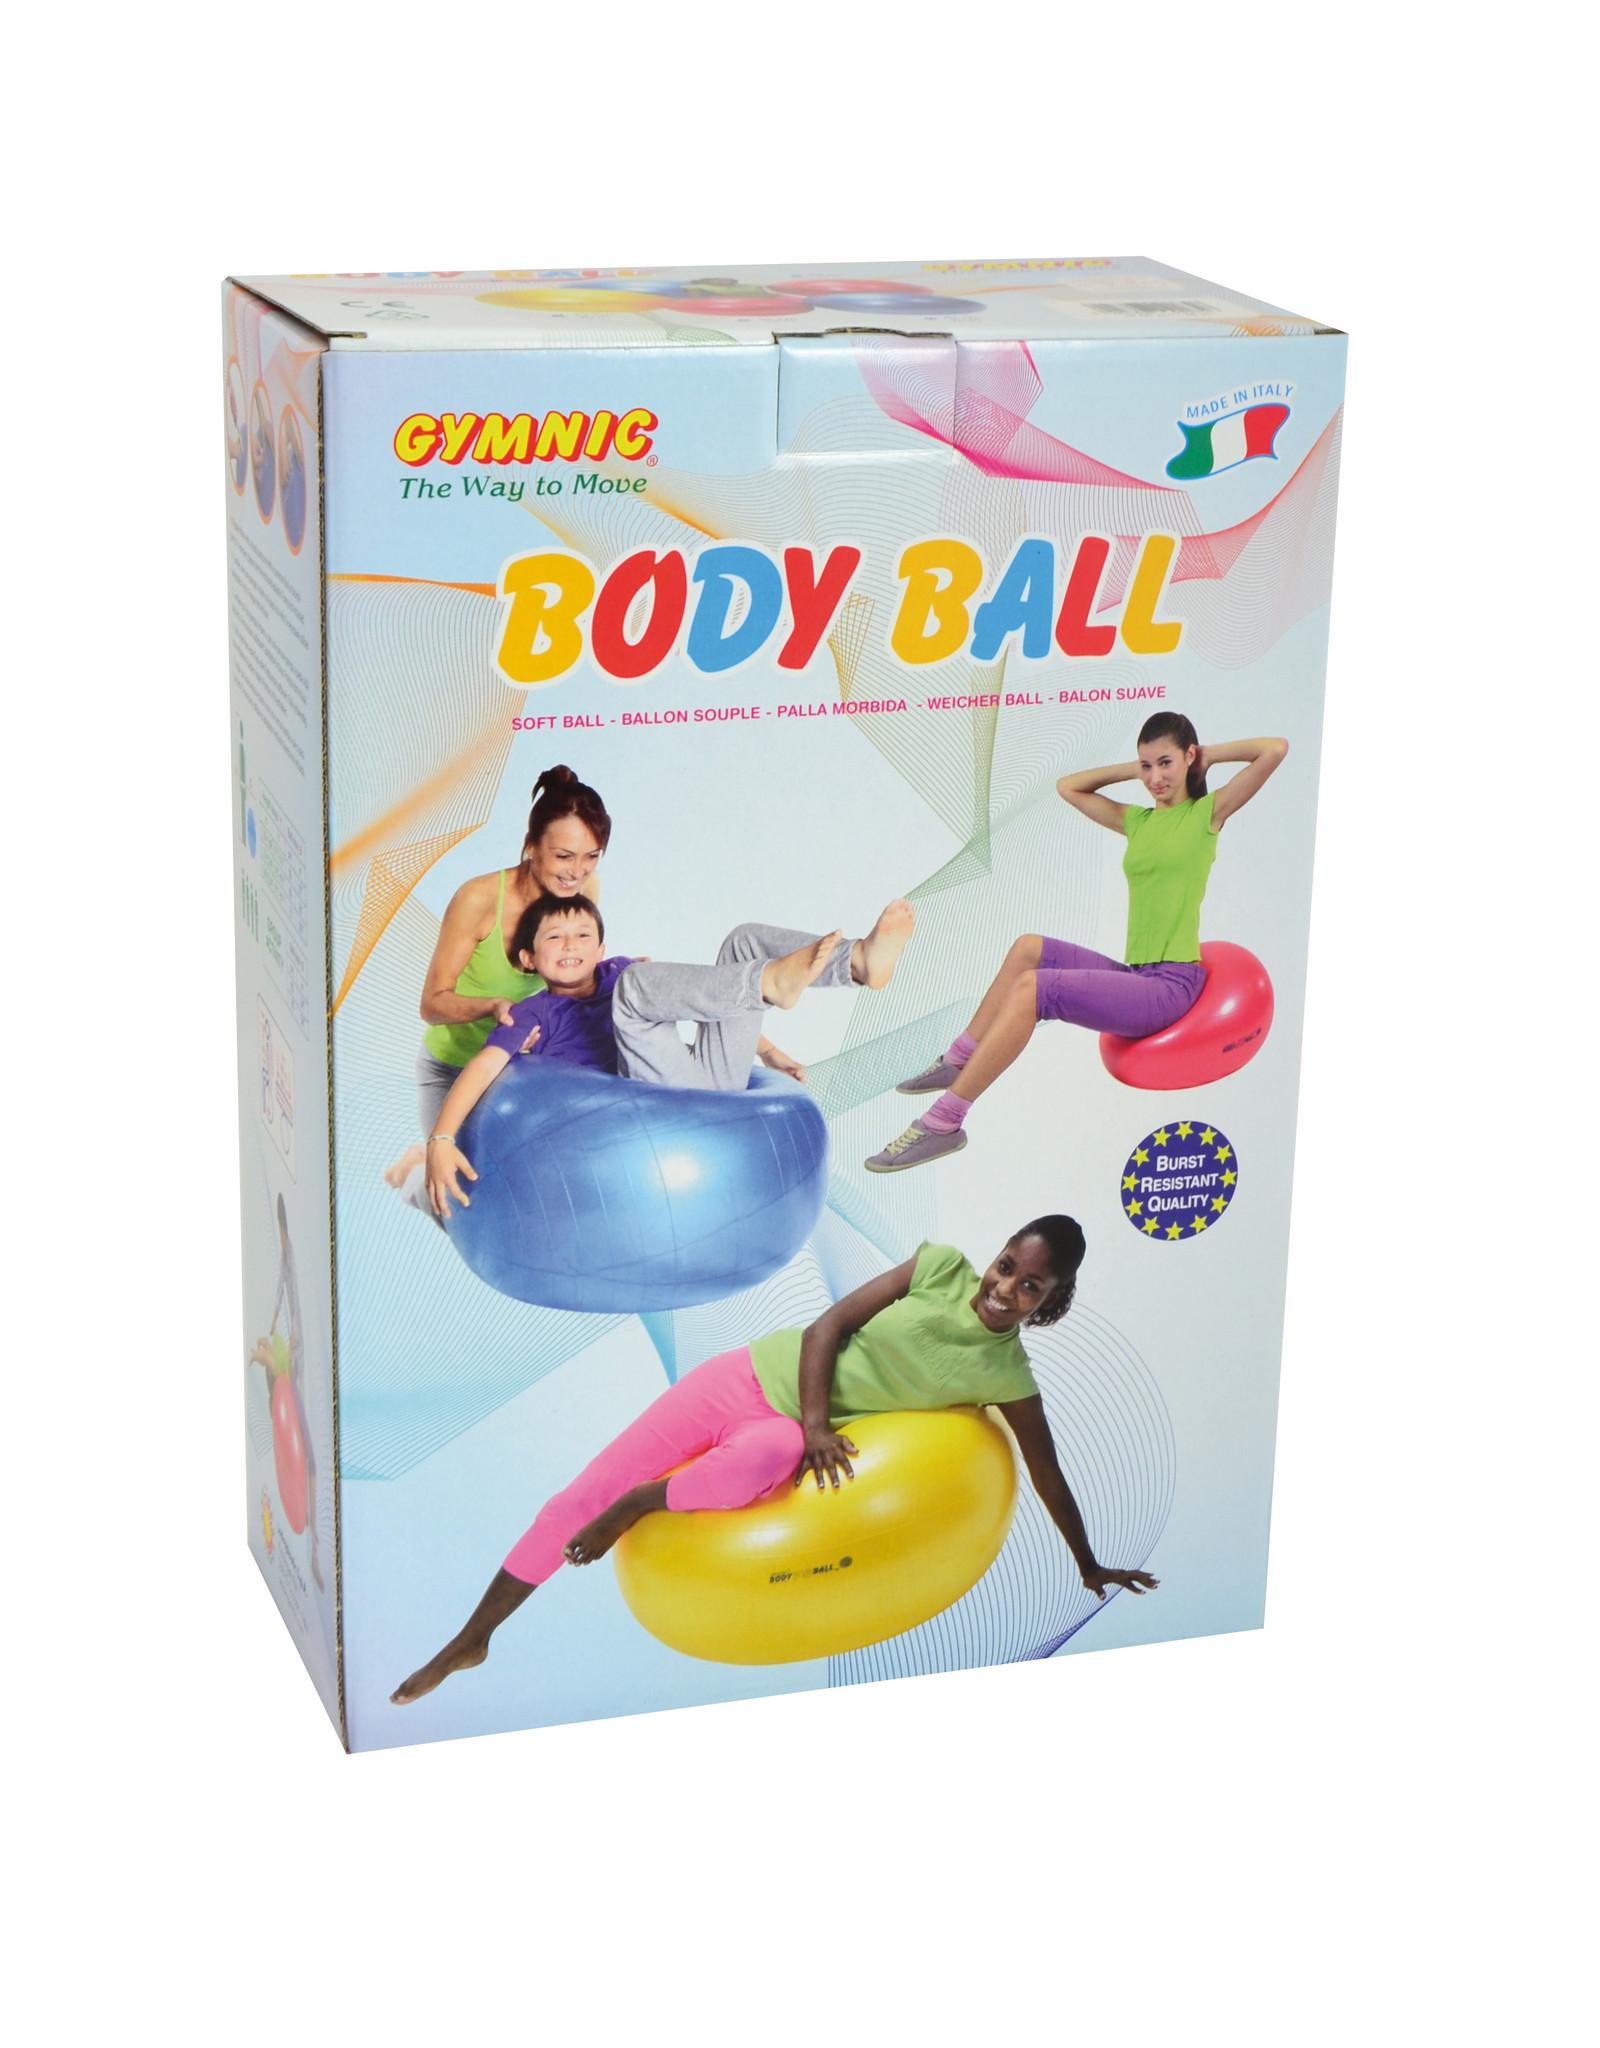 Gymnic Body Ball 55 BRQ / R